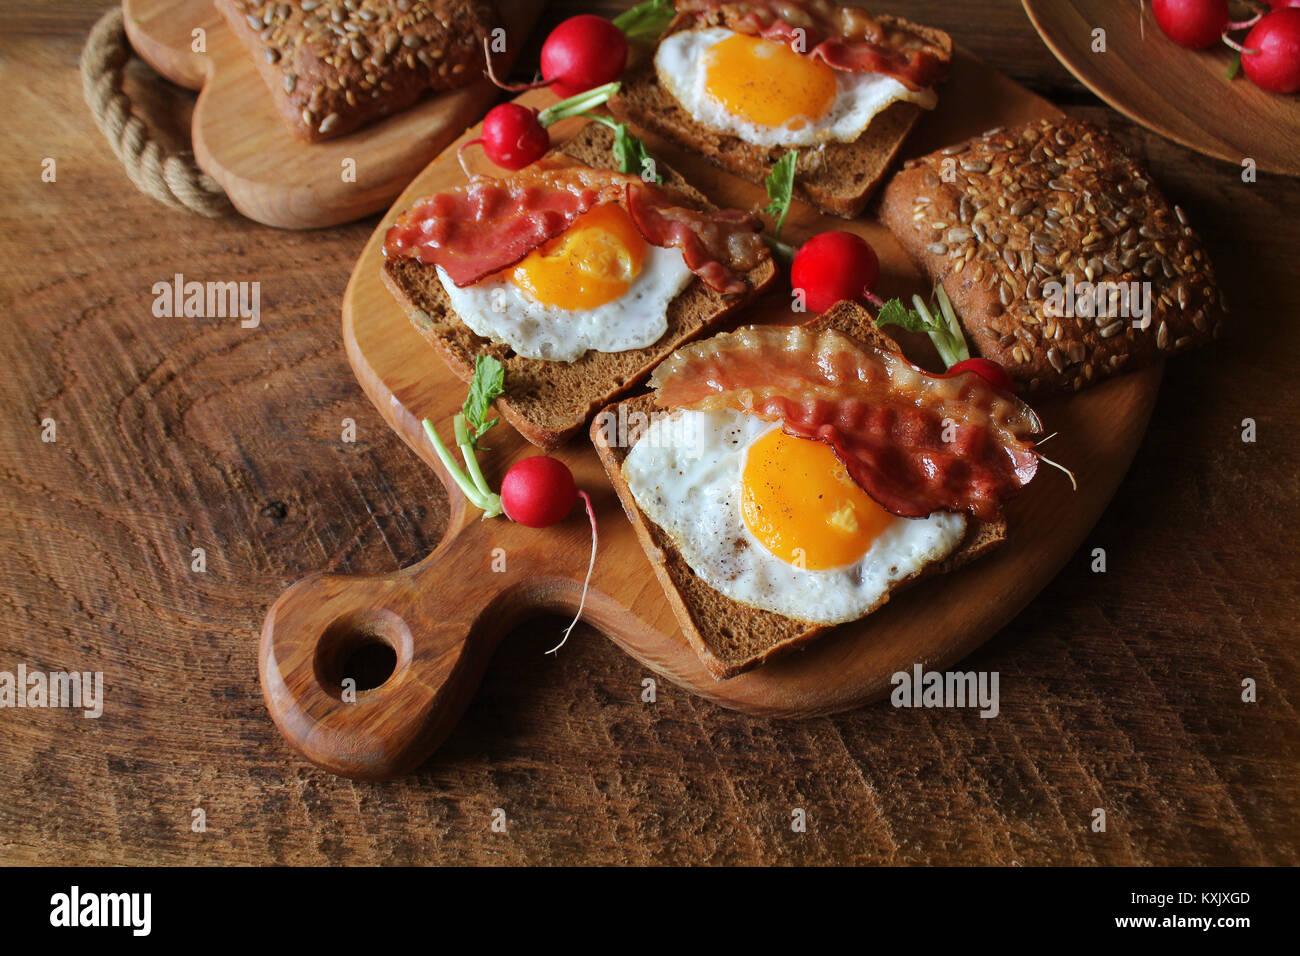 Desayuno de crujiente de bacon, huevos fritos y pan. Sándwiches en la tabla de cortar. Tabla rústica Imagen De Stock